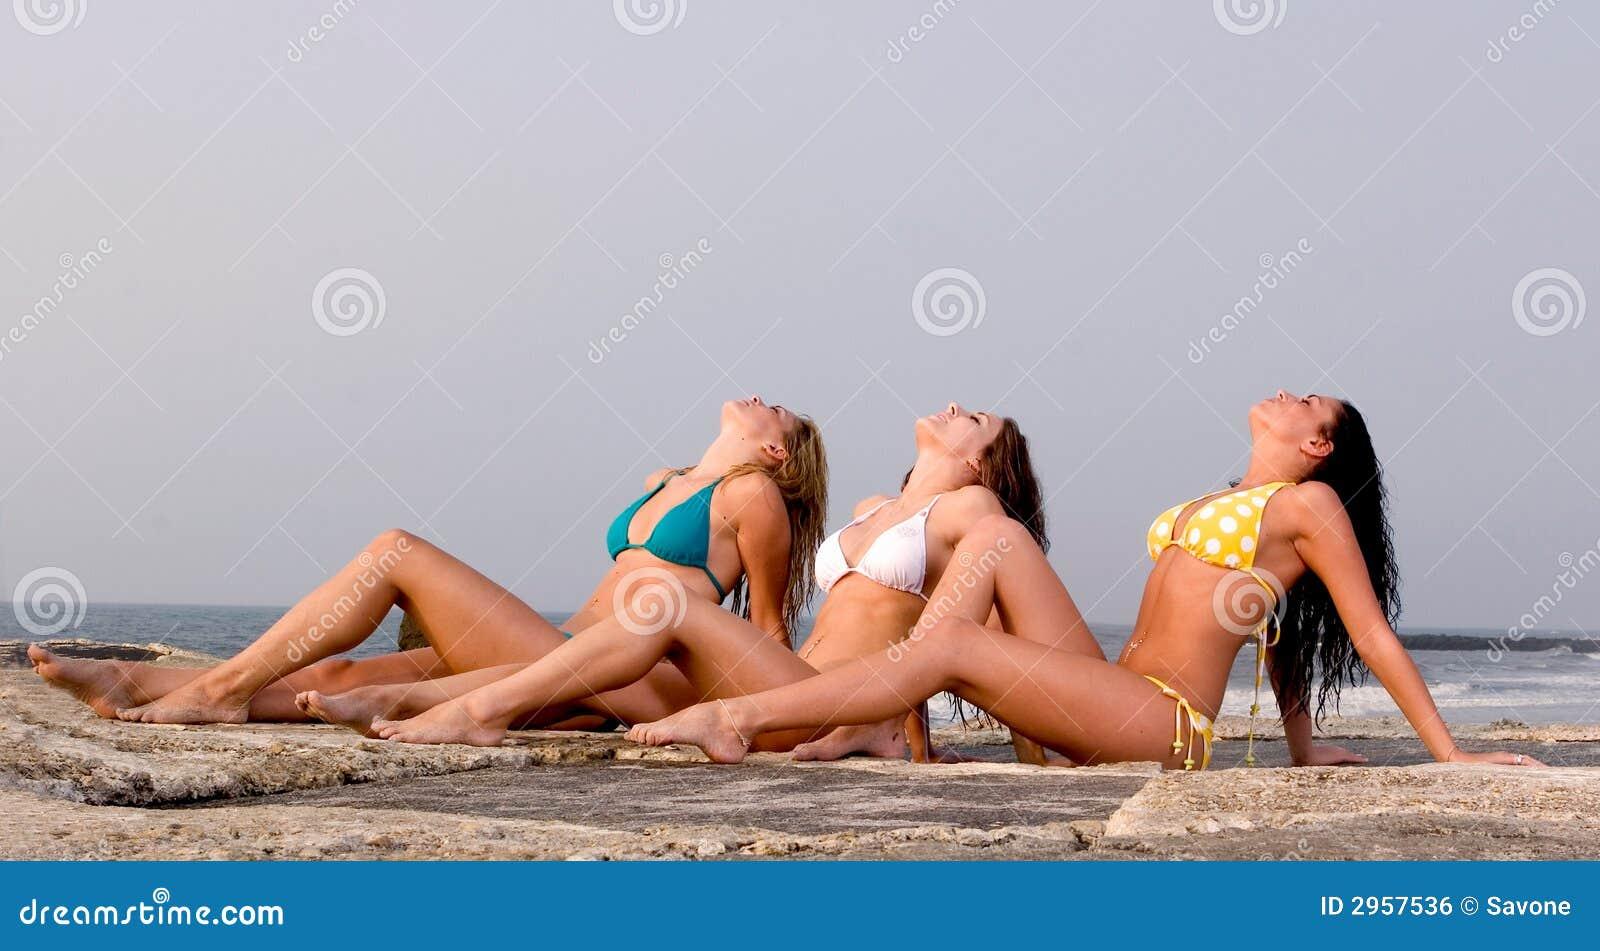 gratis sexfimpjes vrouwen foto s